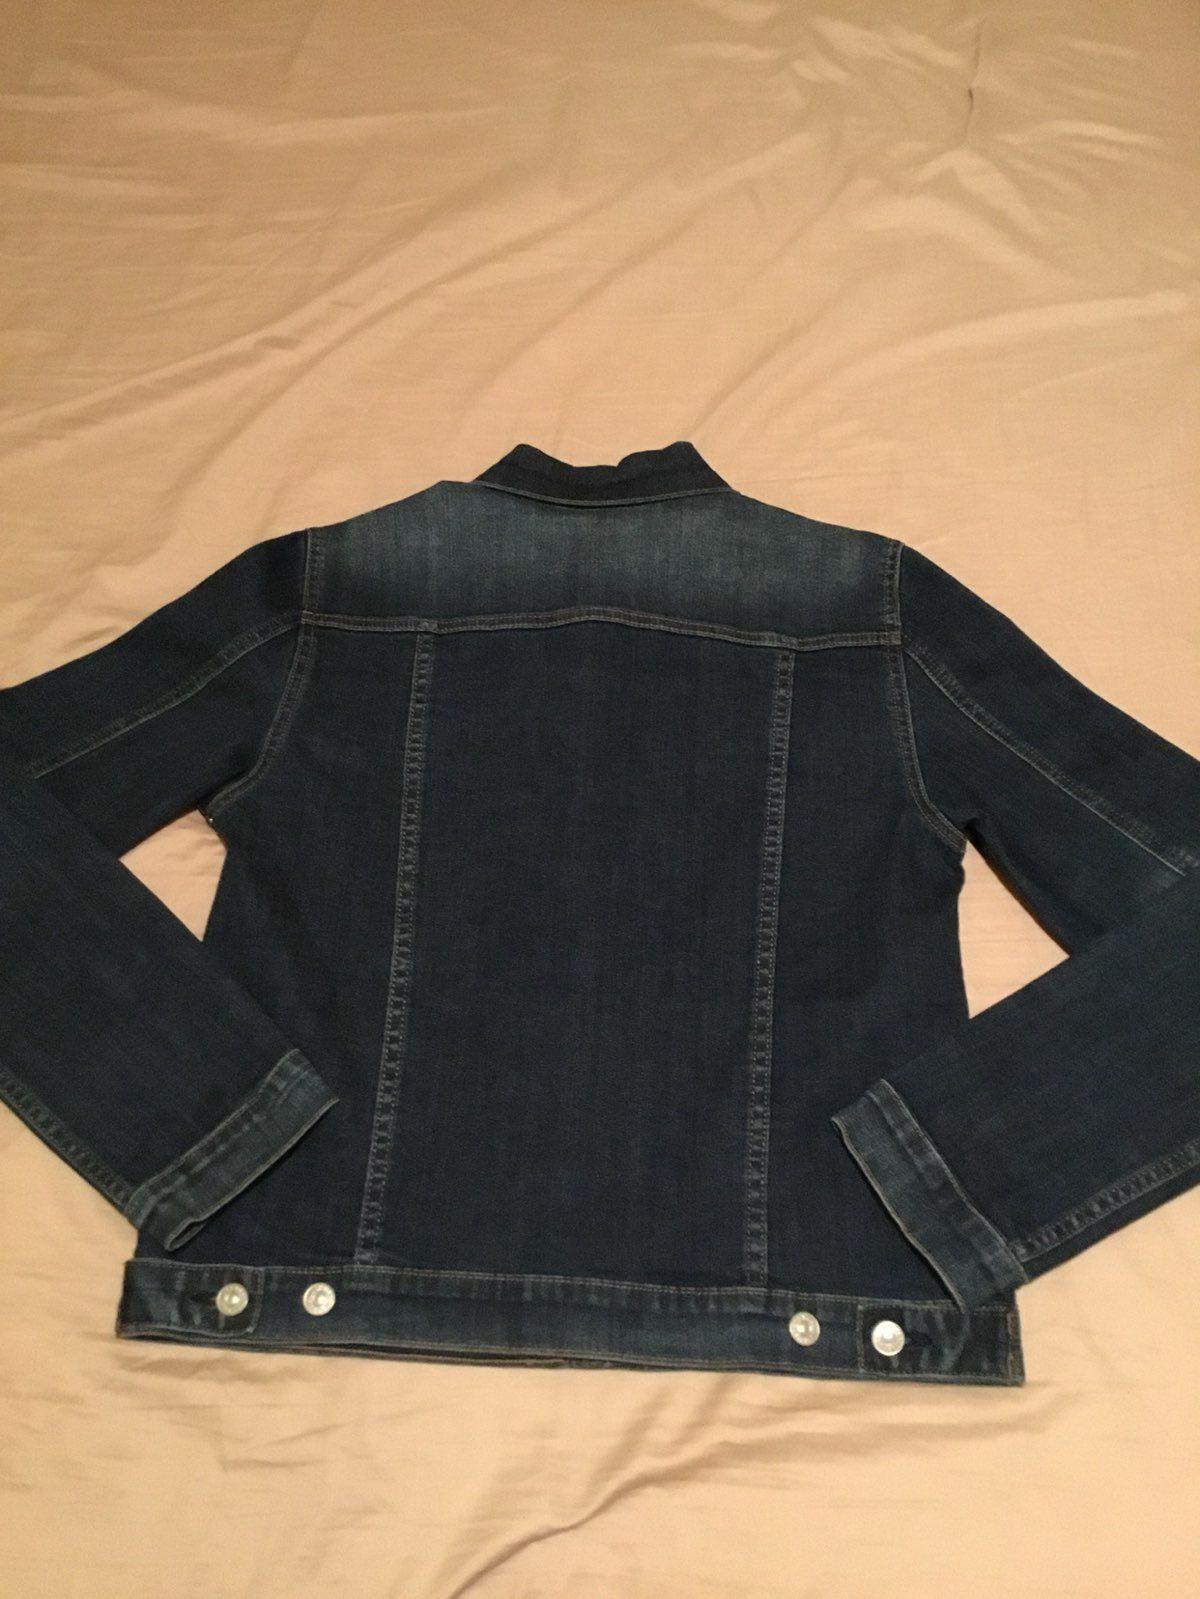 Denim Jacket Similar To Lularoe Harvey!